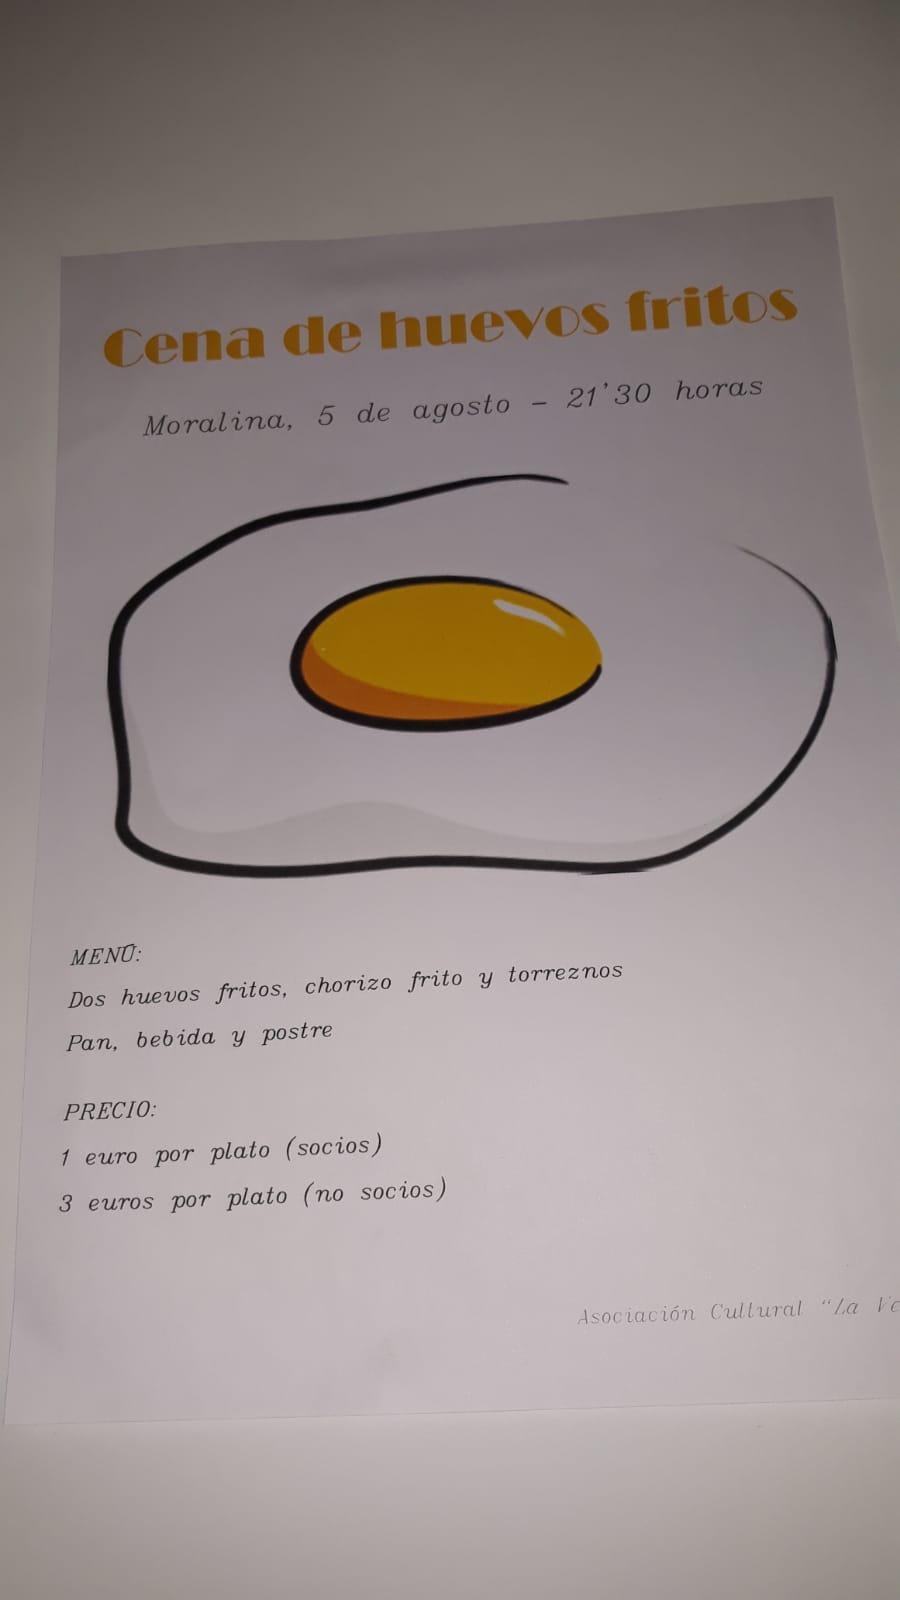 Cartel de los huevos